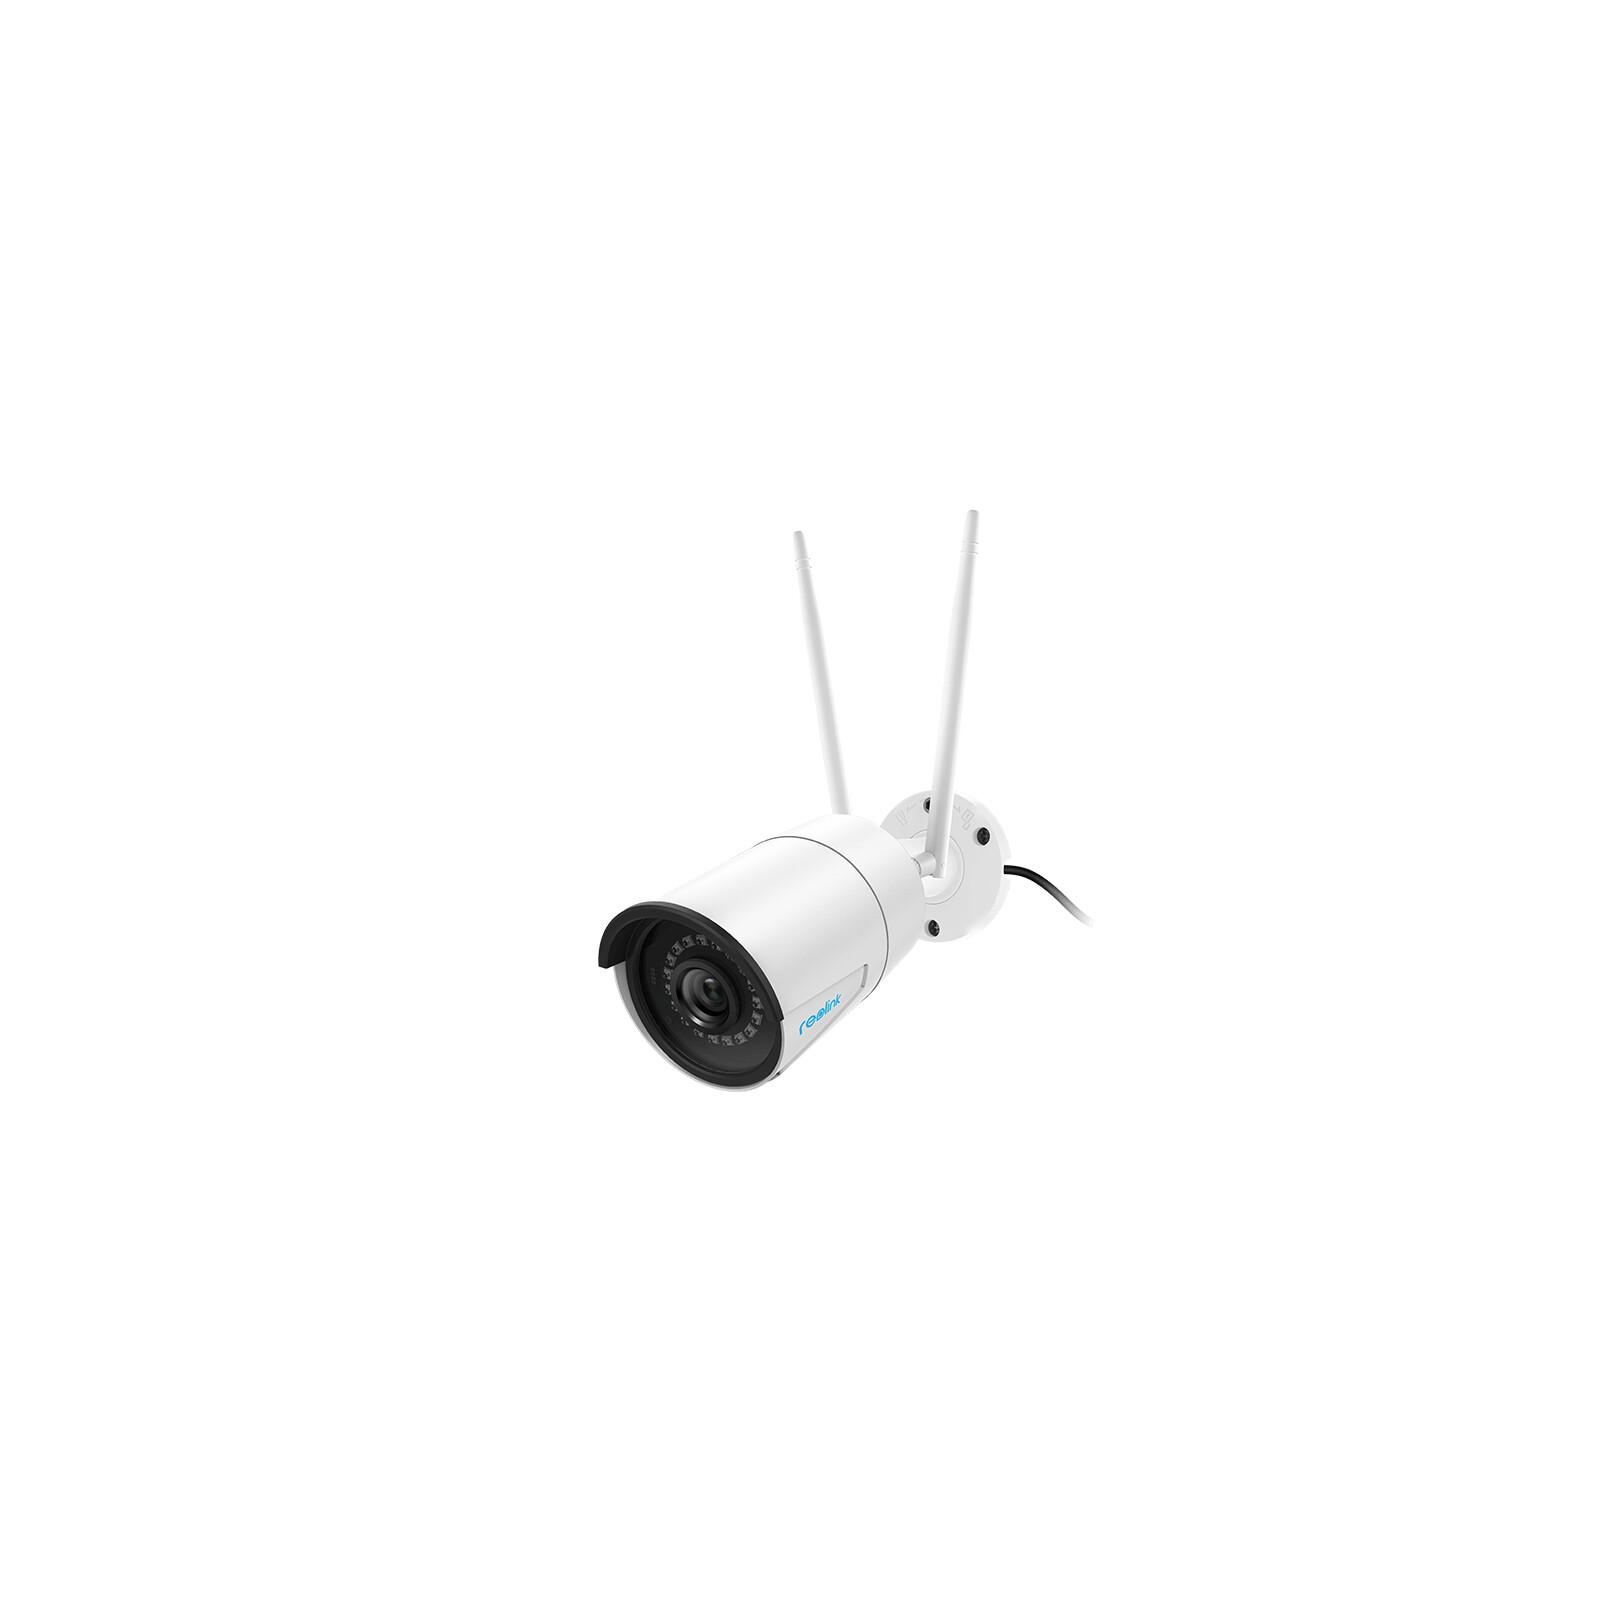 Reolink RLC-410W inkl. 64GB Mikro-SD-Karte weiß